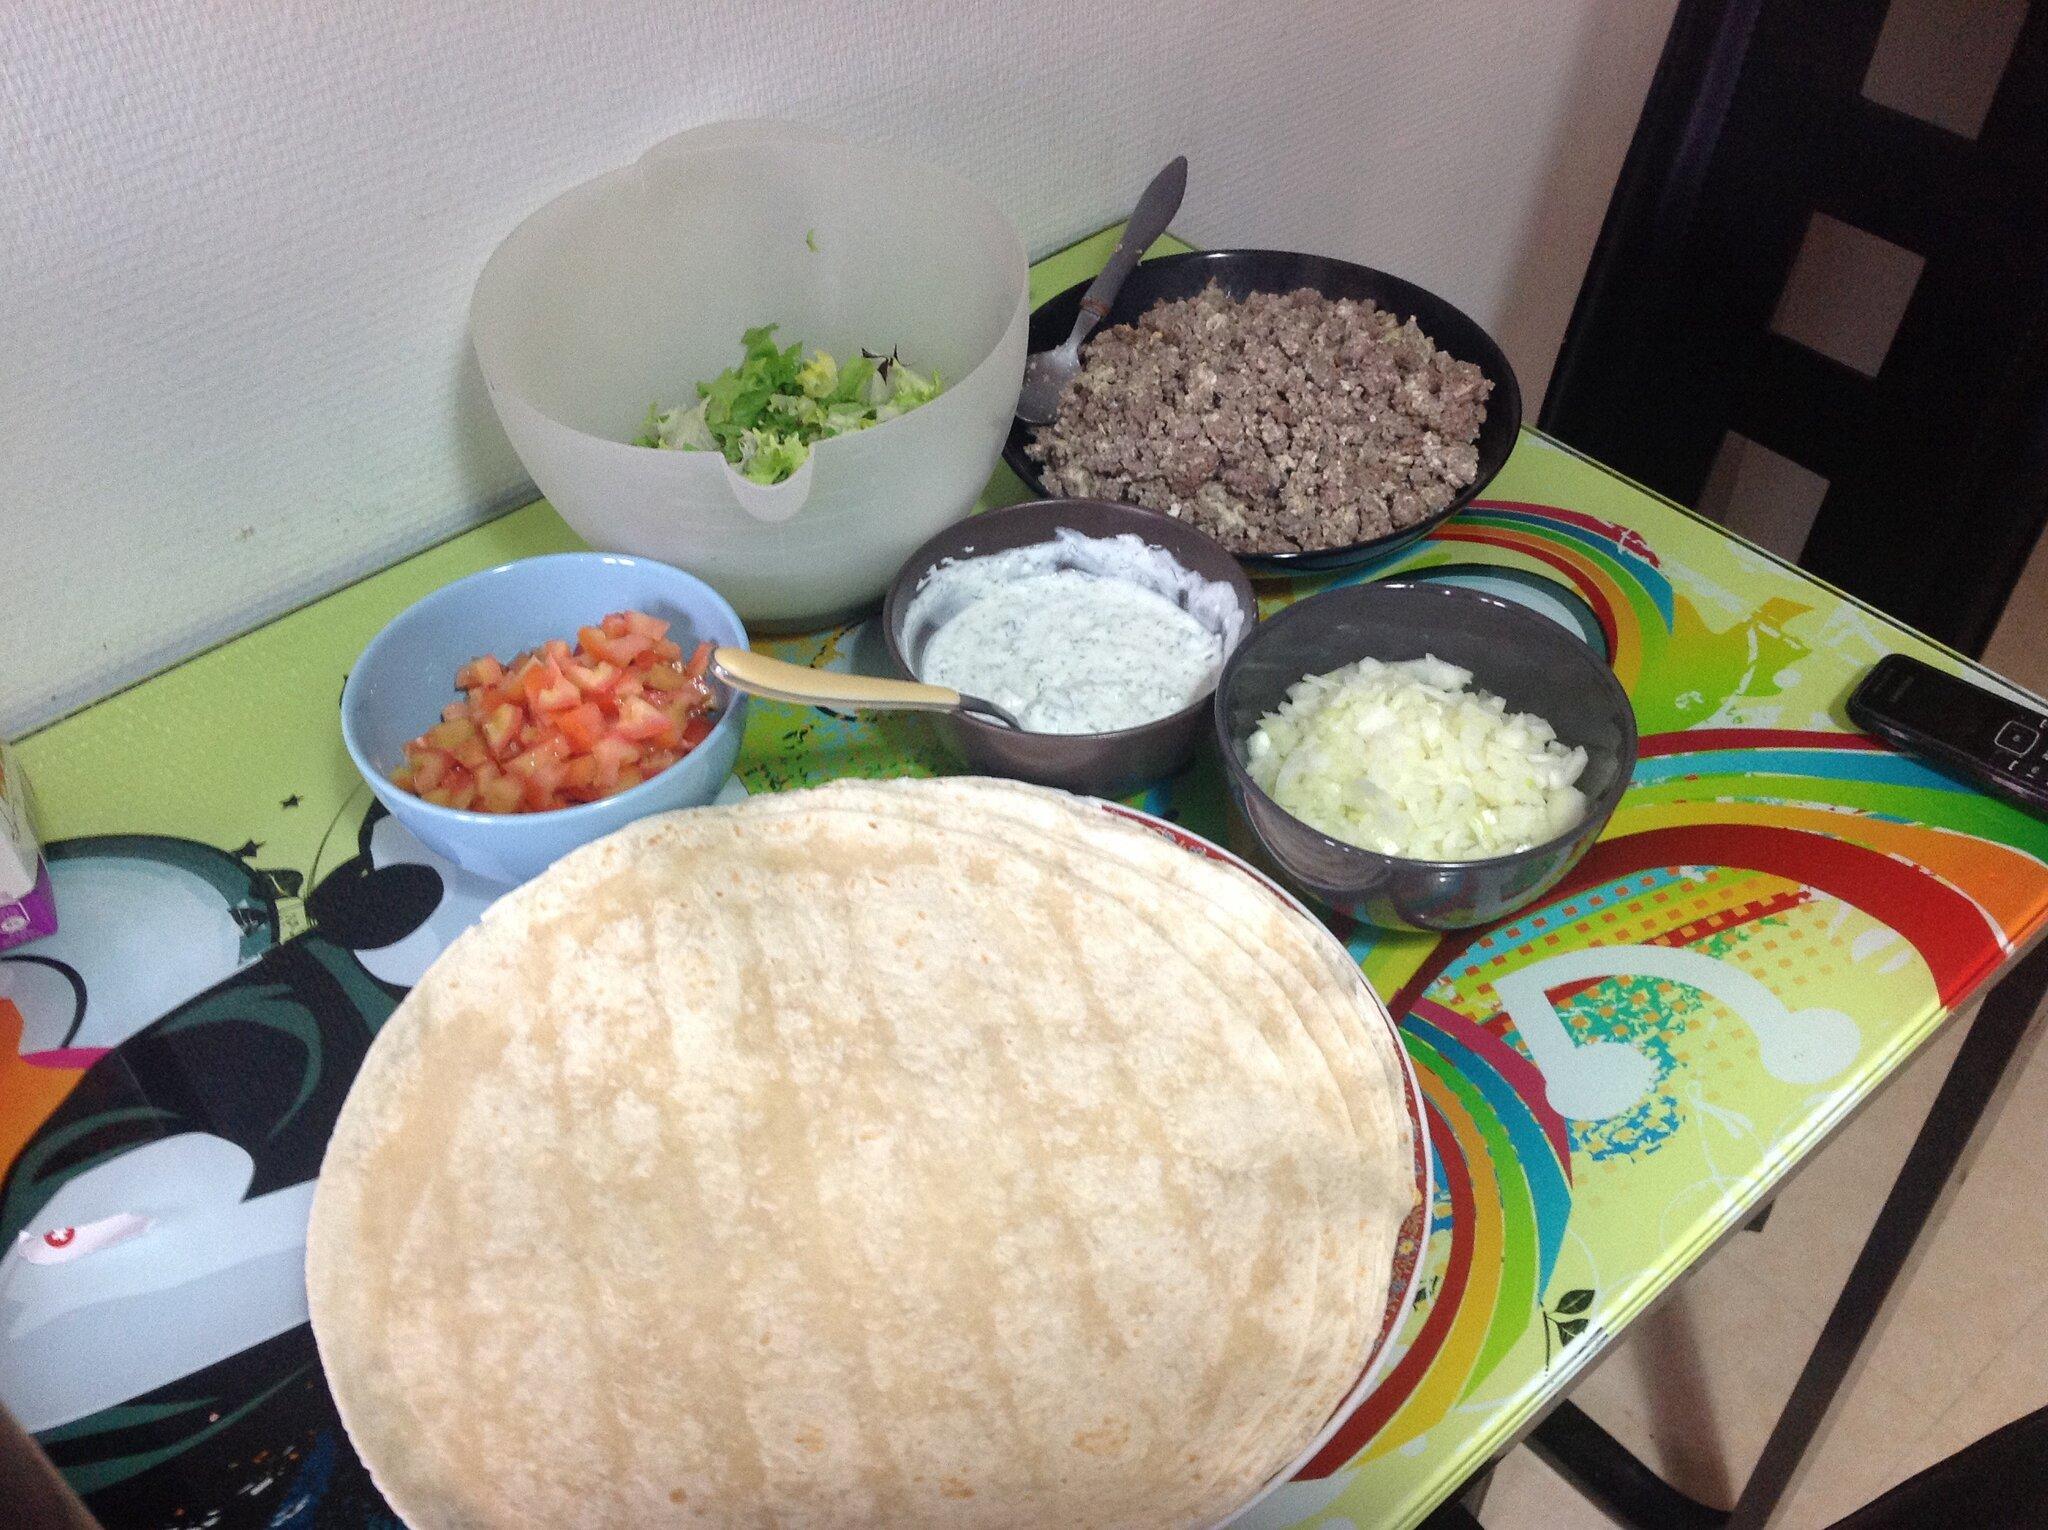 Recette tacos a la viande hach e a la bonne fourchette for Tamiser cuisine